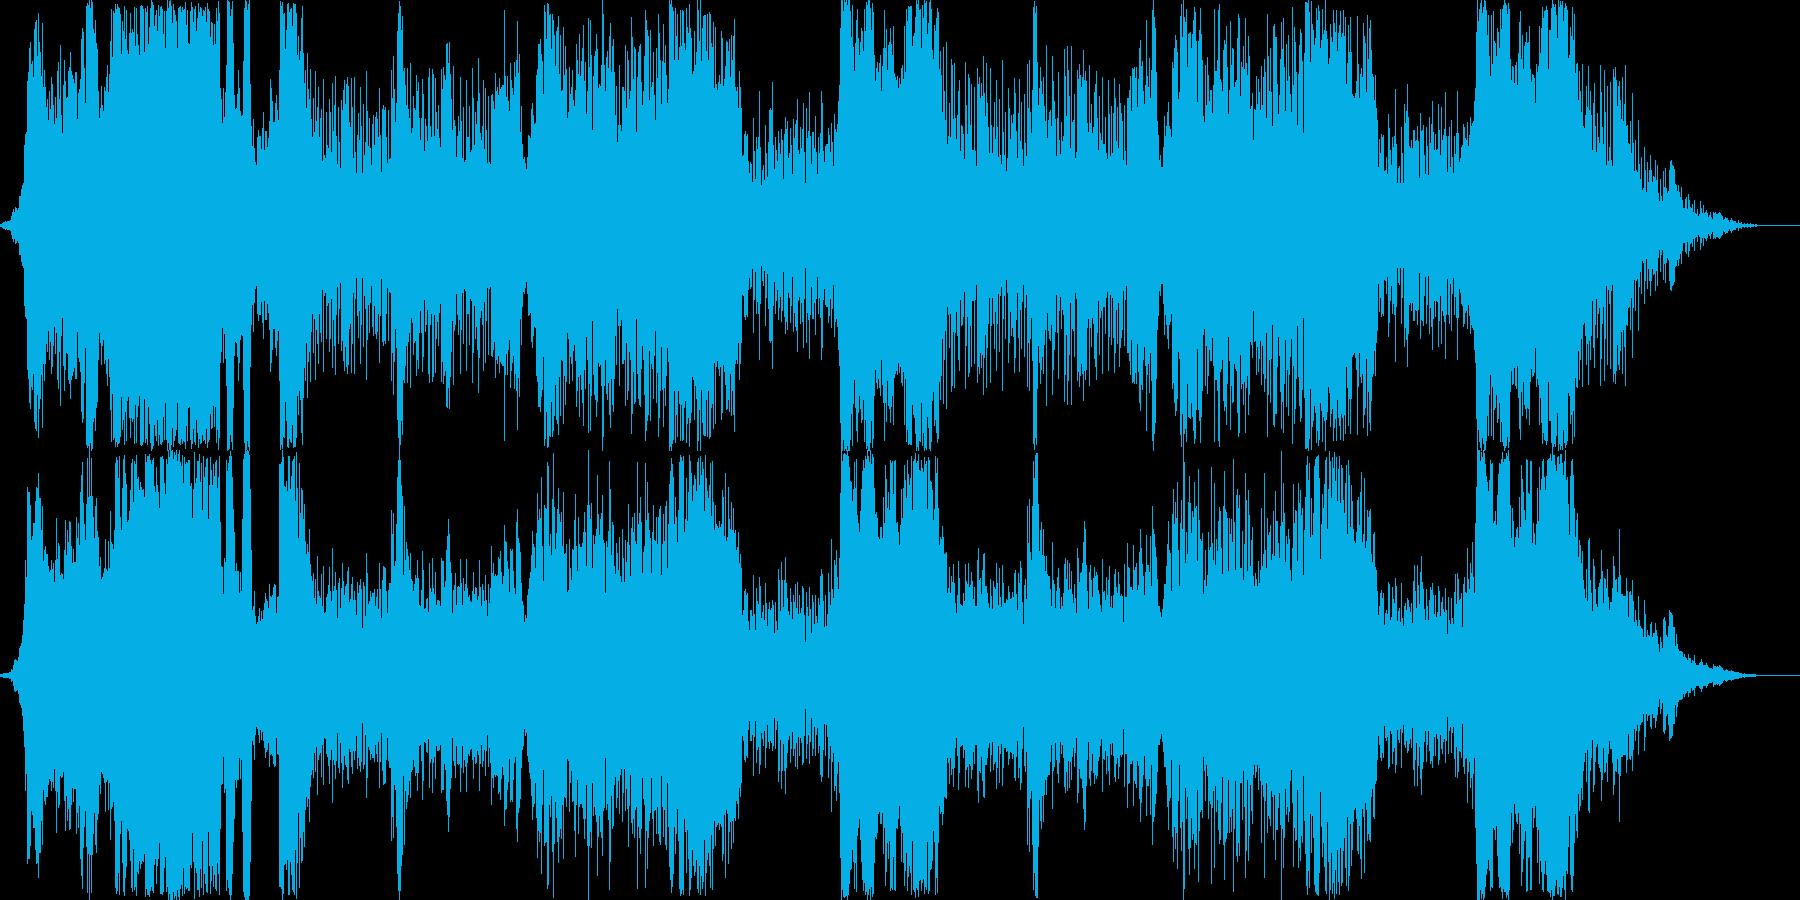 シリアスでコミカルなオーケストラの再生済みの波形